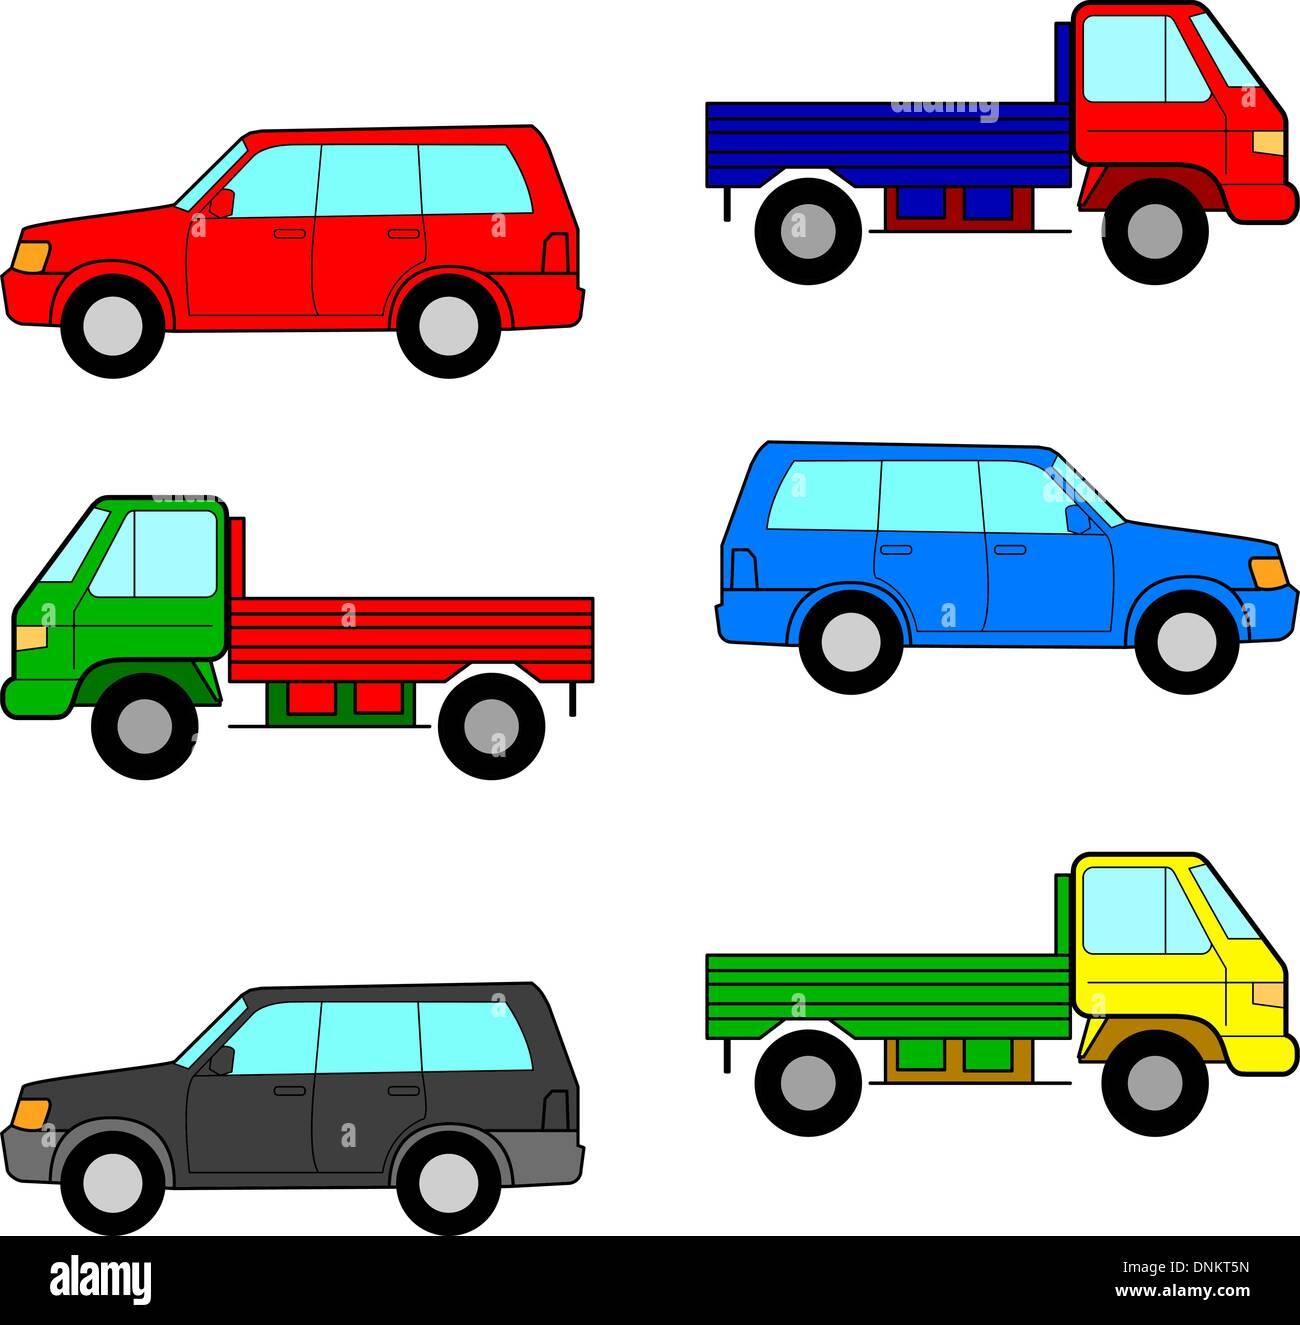 Establezca los coches, camiones y automóviles. Ilustración vectorial. Imagen De Stock